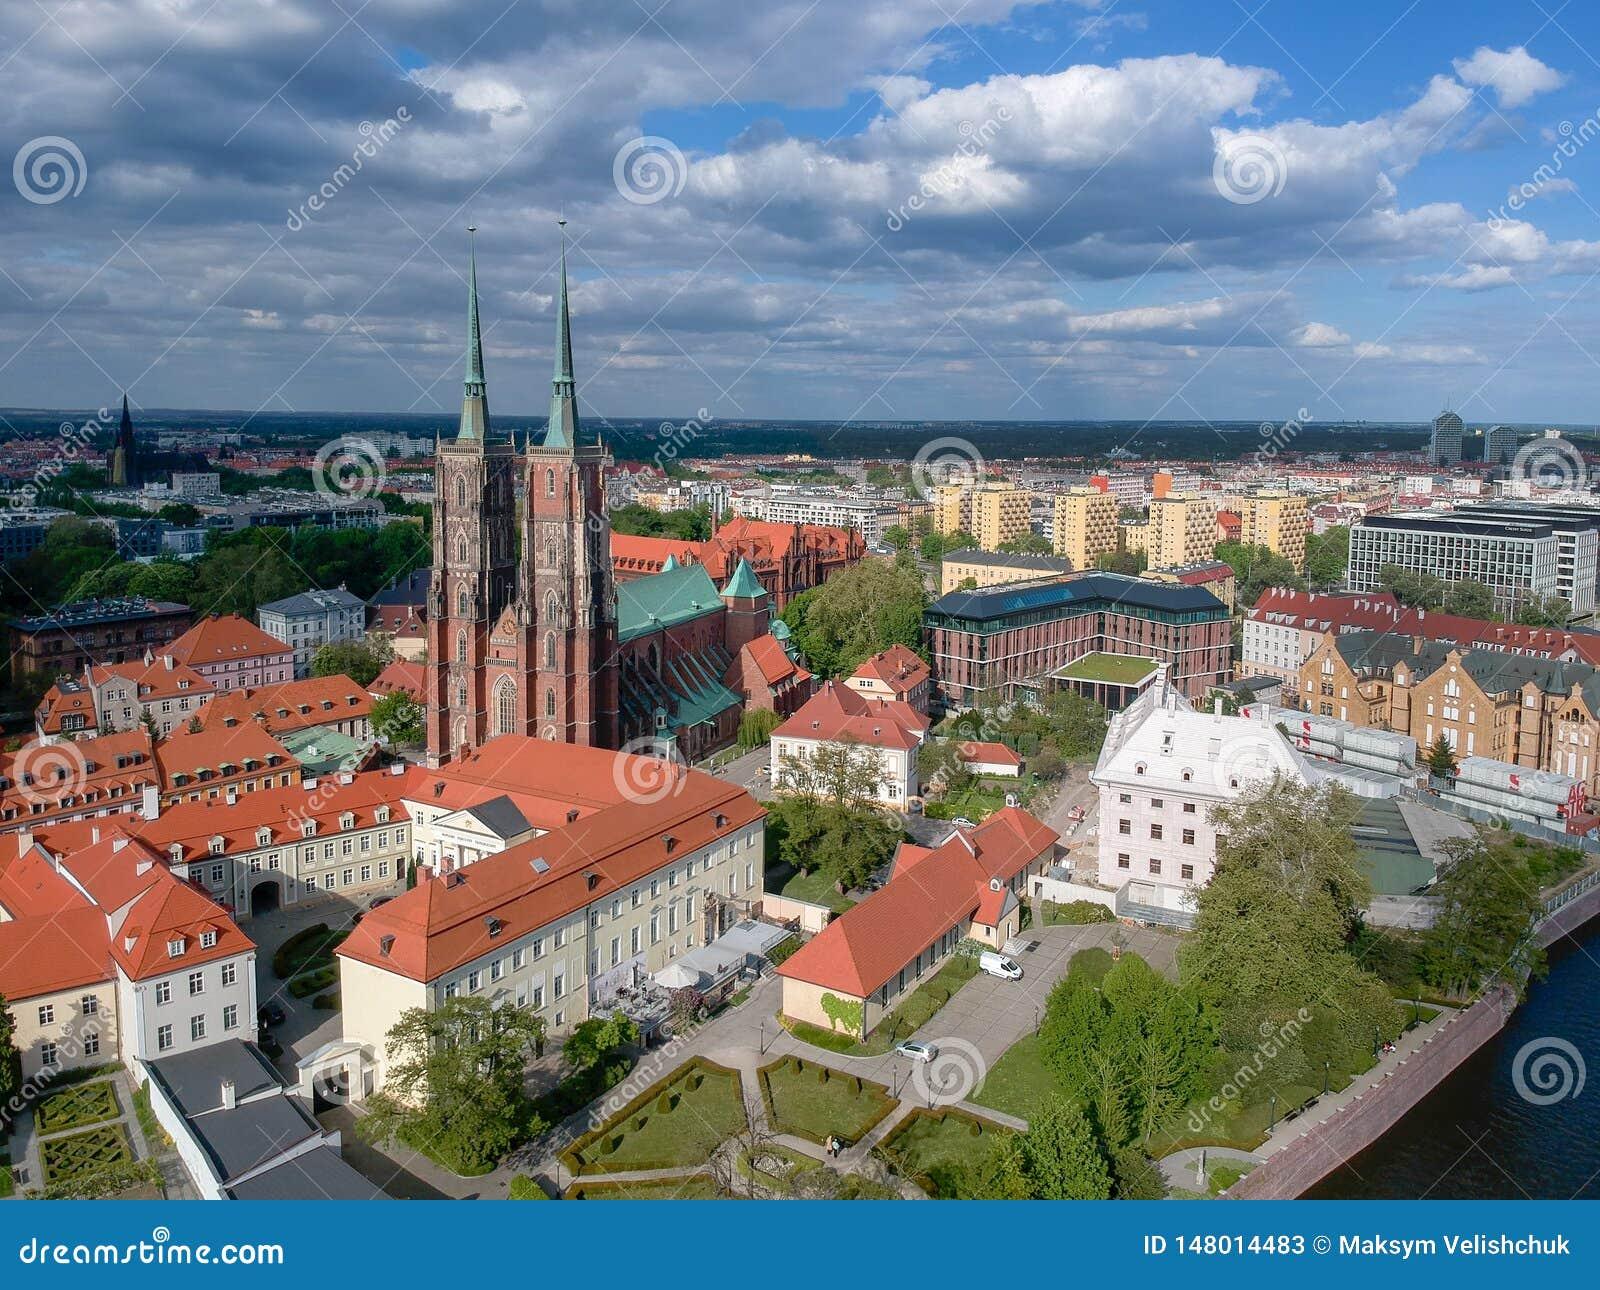 Het satellietbeeld van Wroclaw: Ostrow Tumski, Kathedraal van St John de Doopsgezinde en Collegiale Kerk van het Heilige Kruis en